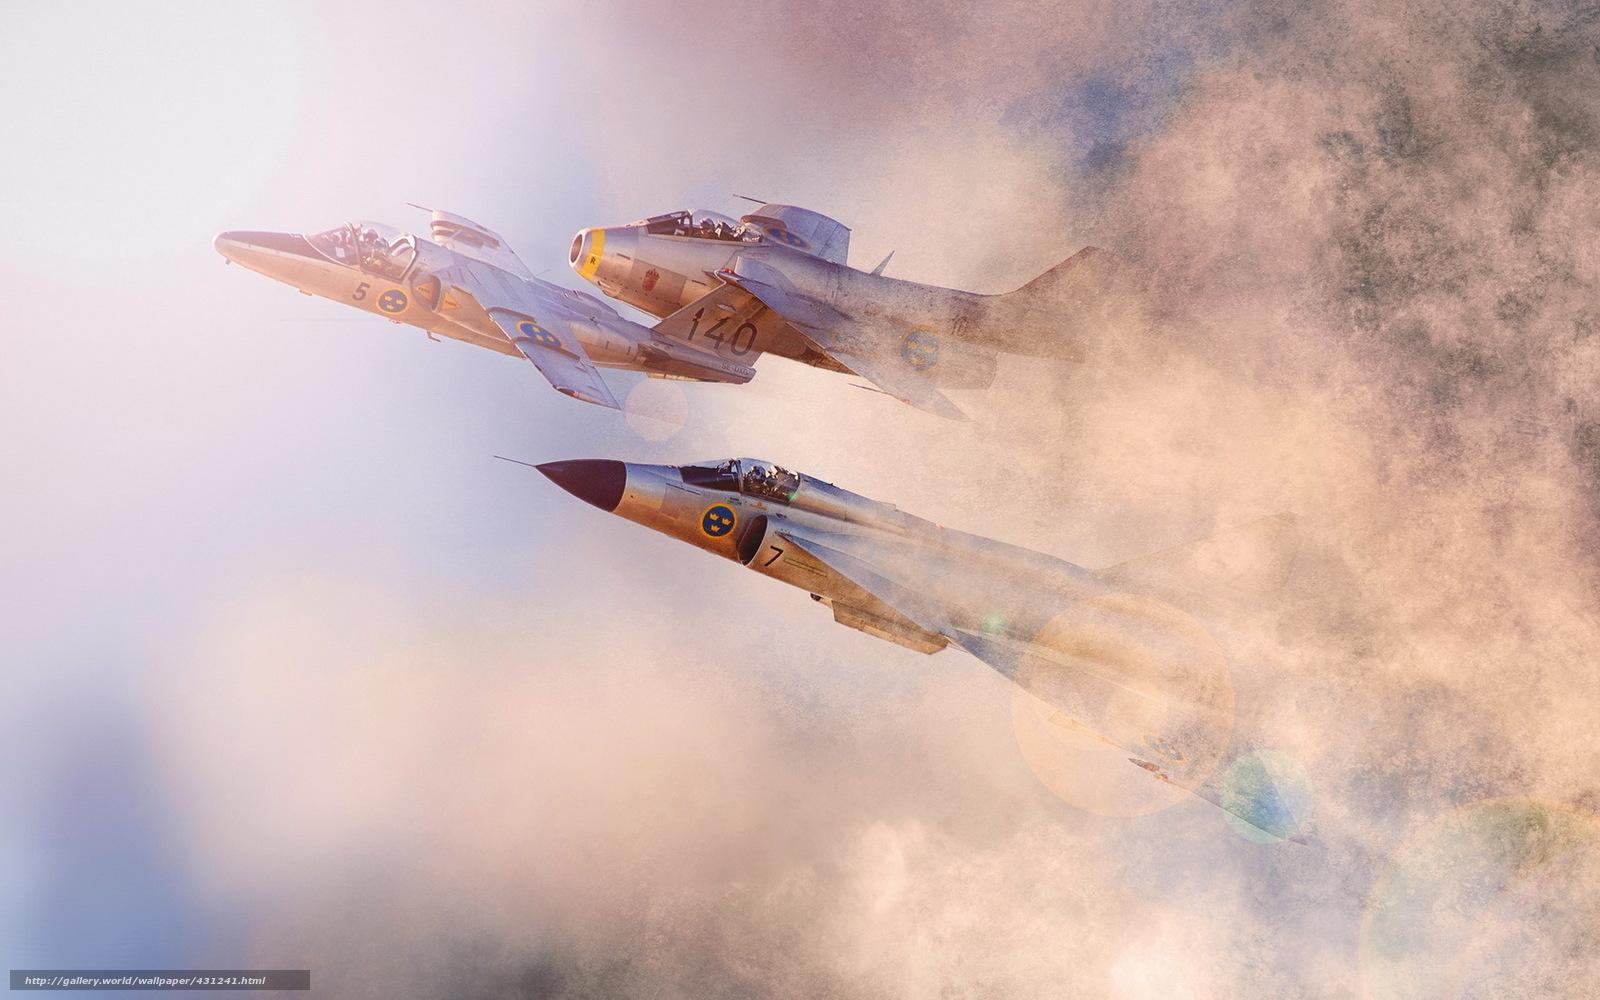 Скачать обои самолёты,  небо,  авиация бесплатно для рабочего стола в разрешении 1680x1050 — картинка №431241